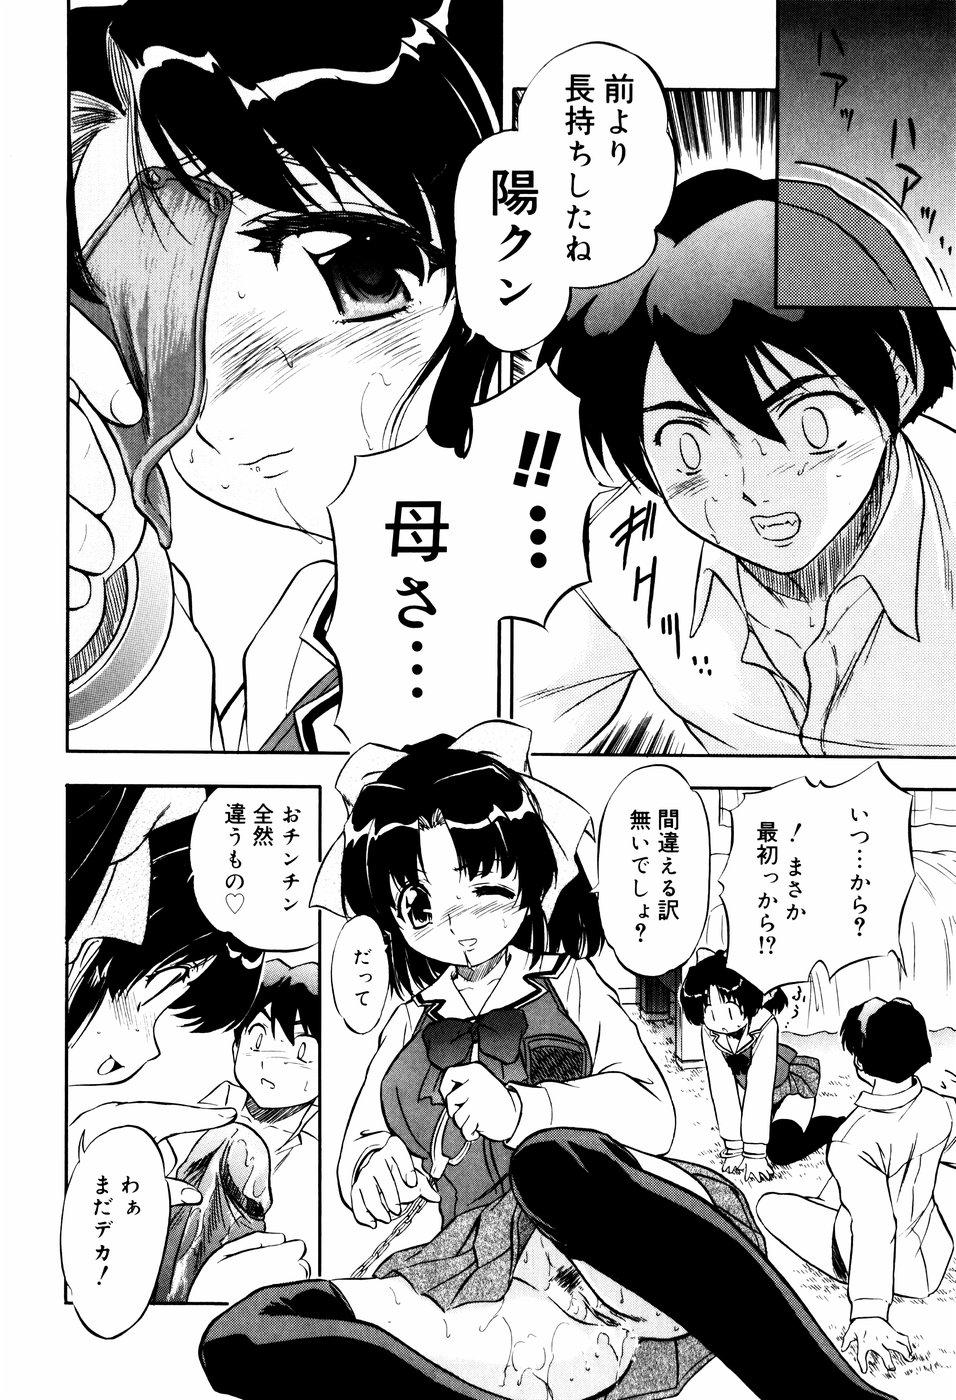 Mitsuiro Ni Tokeru Kakera 127